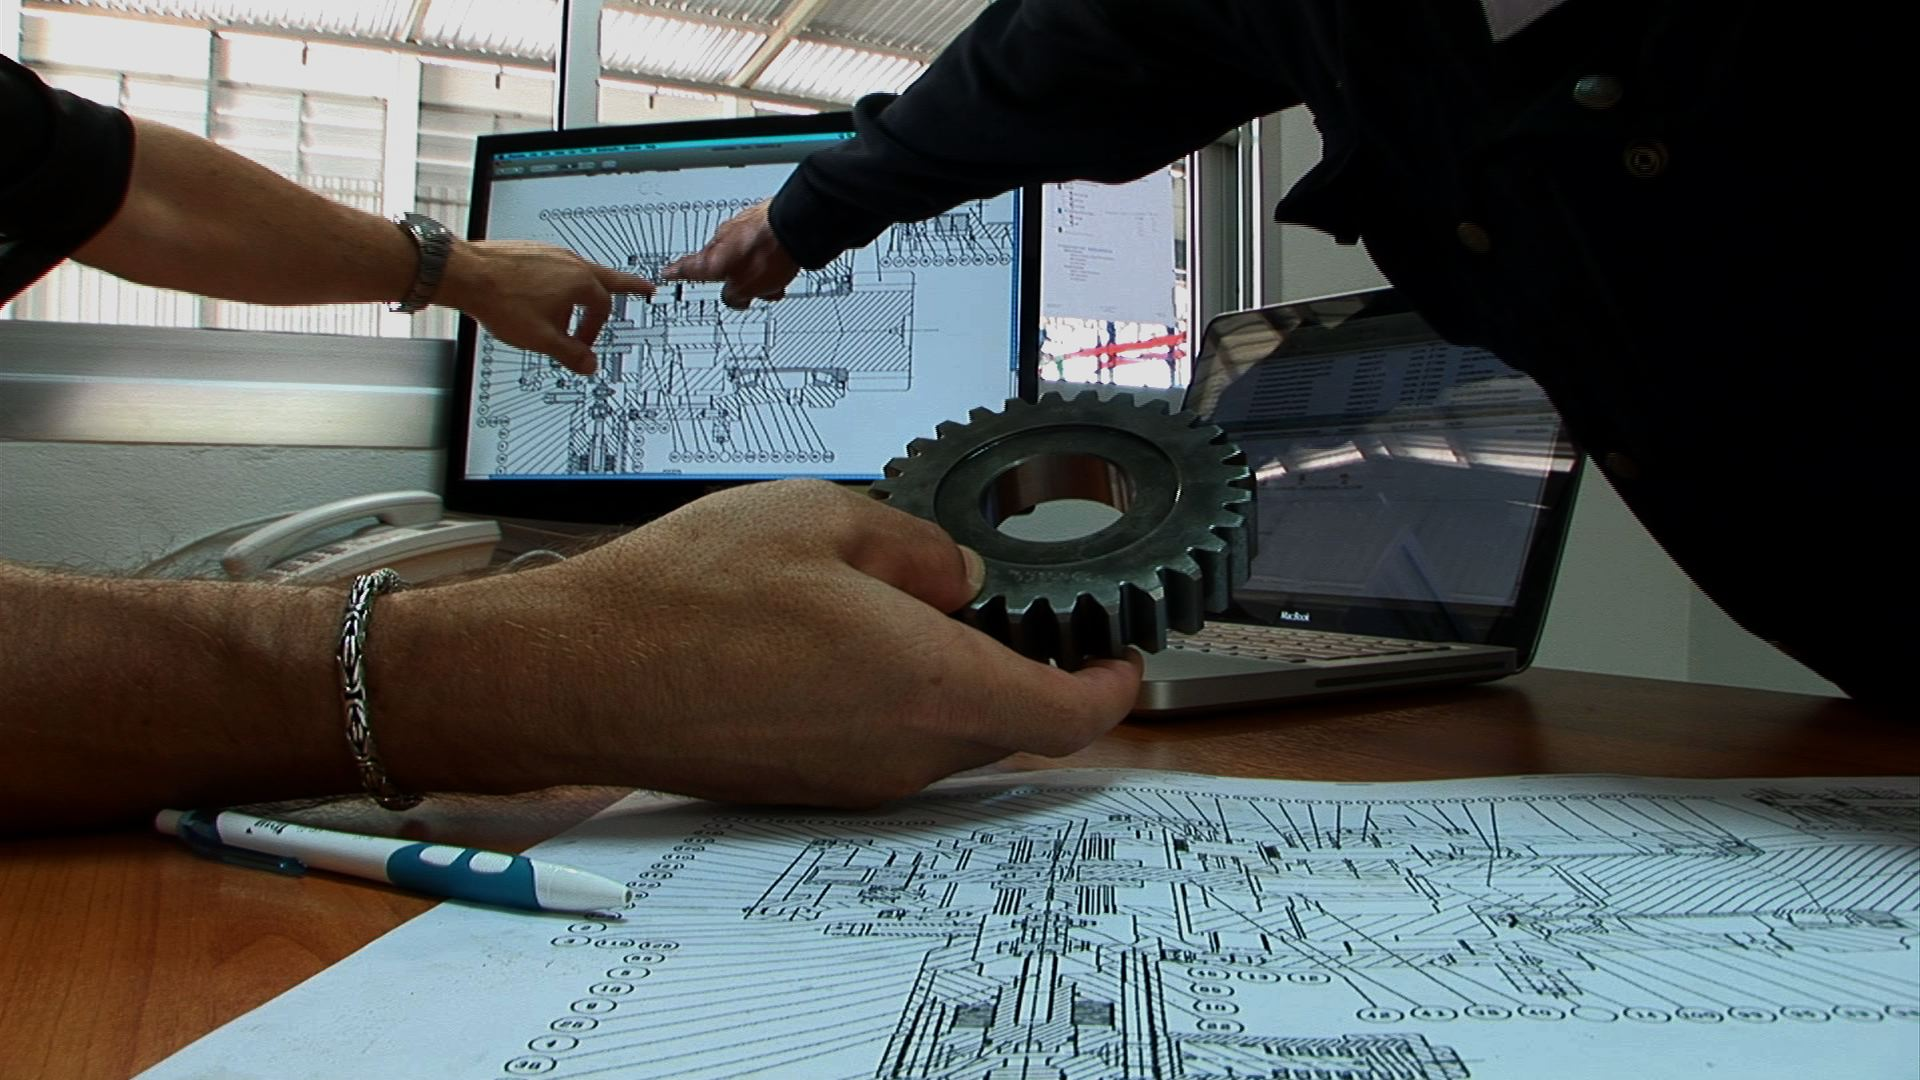 Судебная экспертиза может проводится в отношении качества изделий, строительных материалов и конструкций. Для этого также проводятся испытания, изучается документация на изделие.